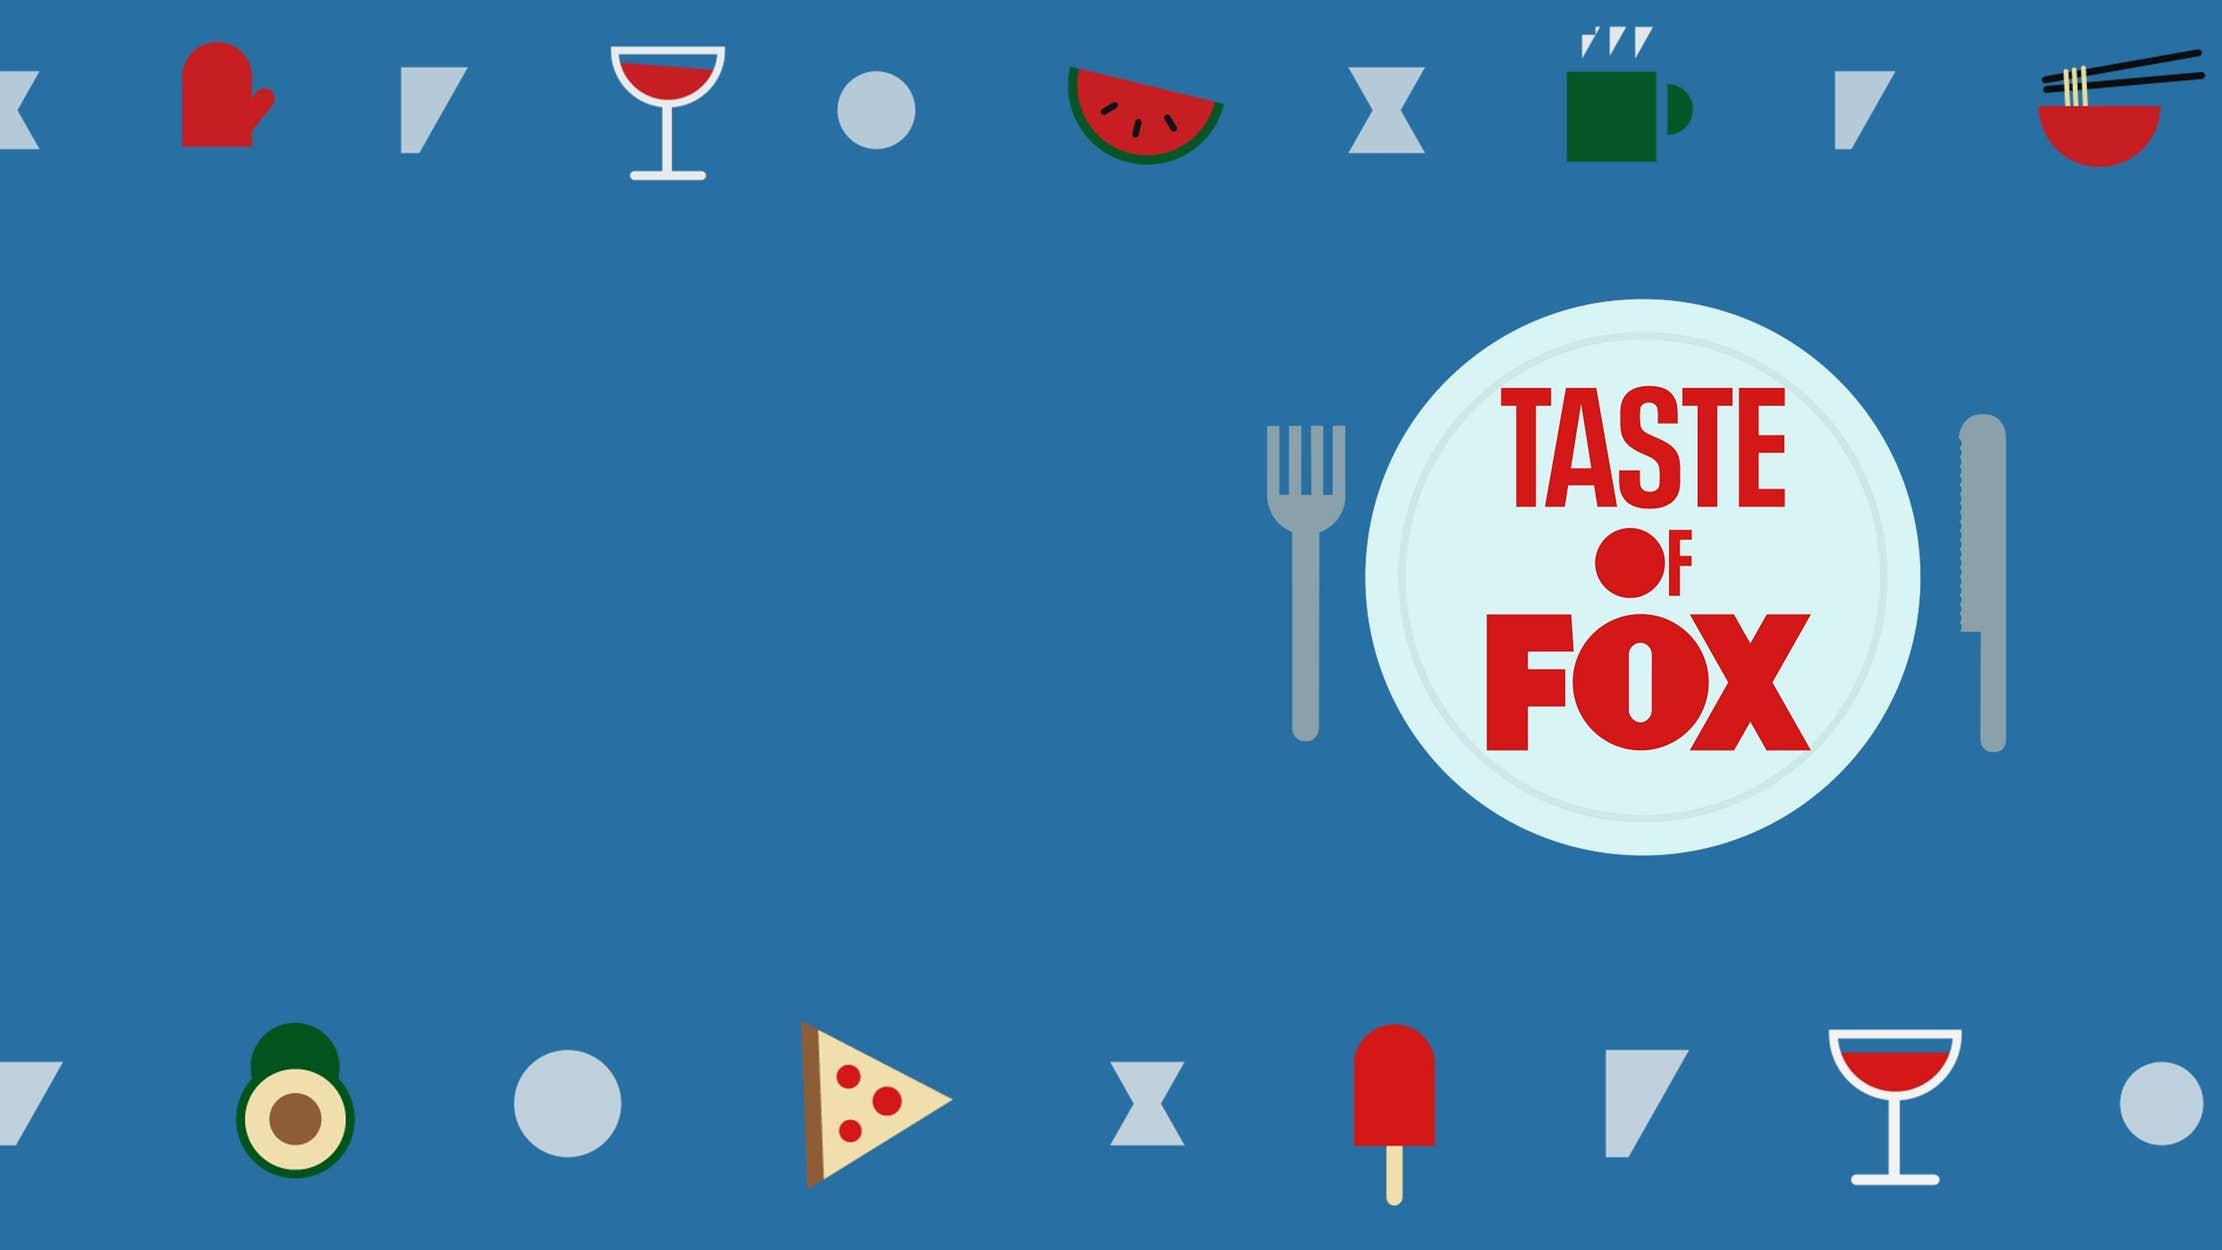 Taste of FOX seriesDetail